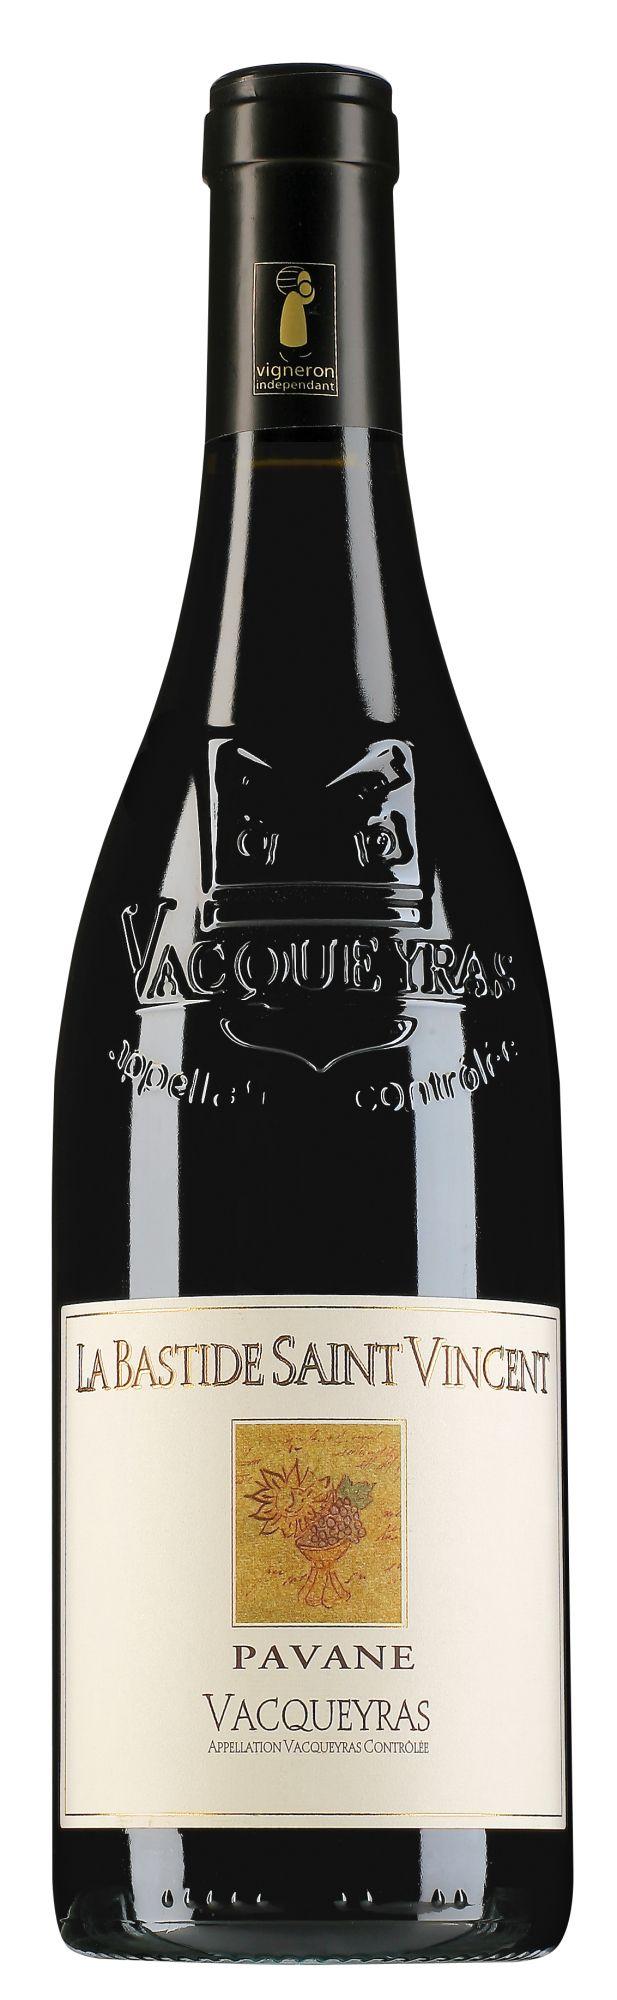 La Bastide Saint Vincent Vacqueyras